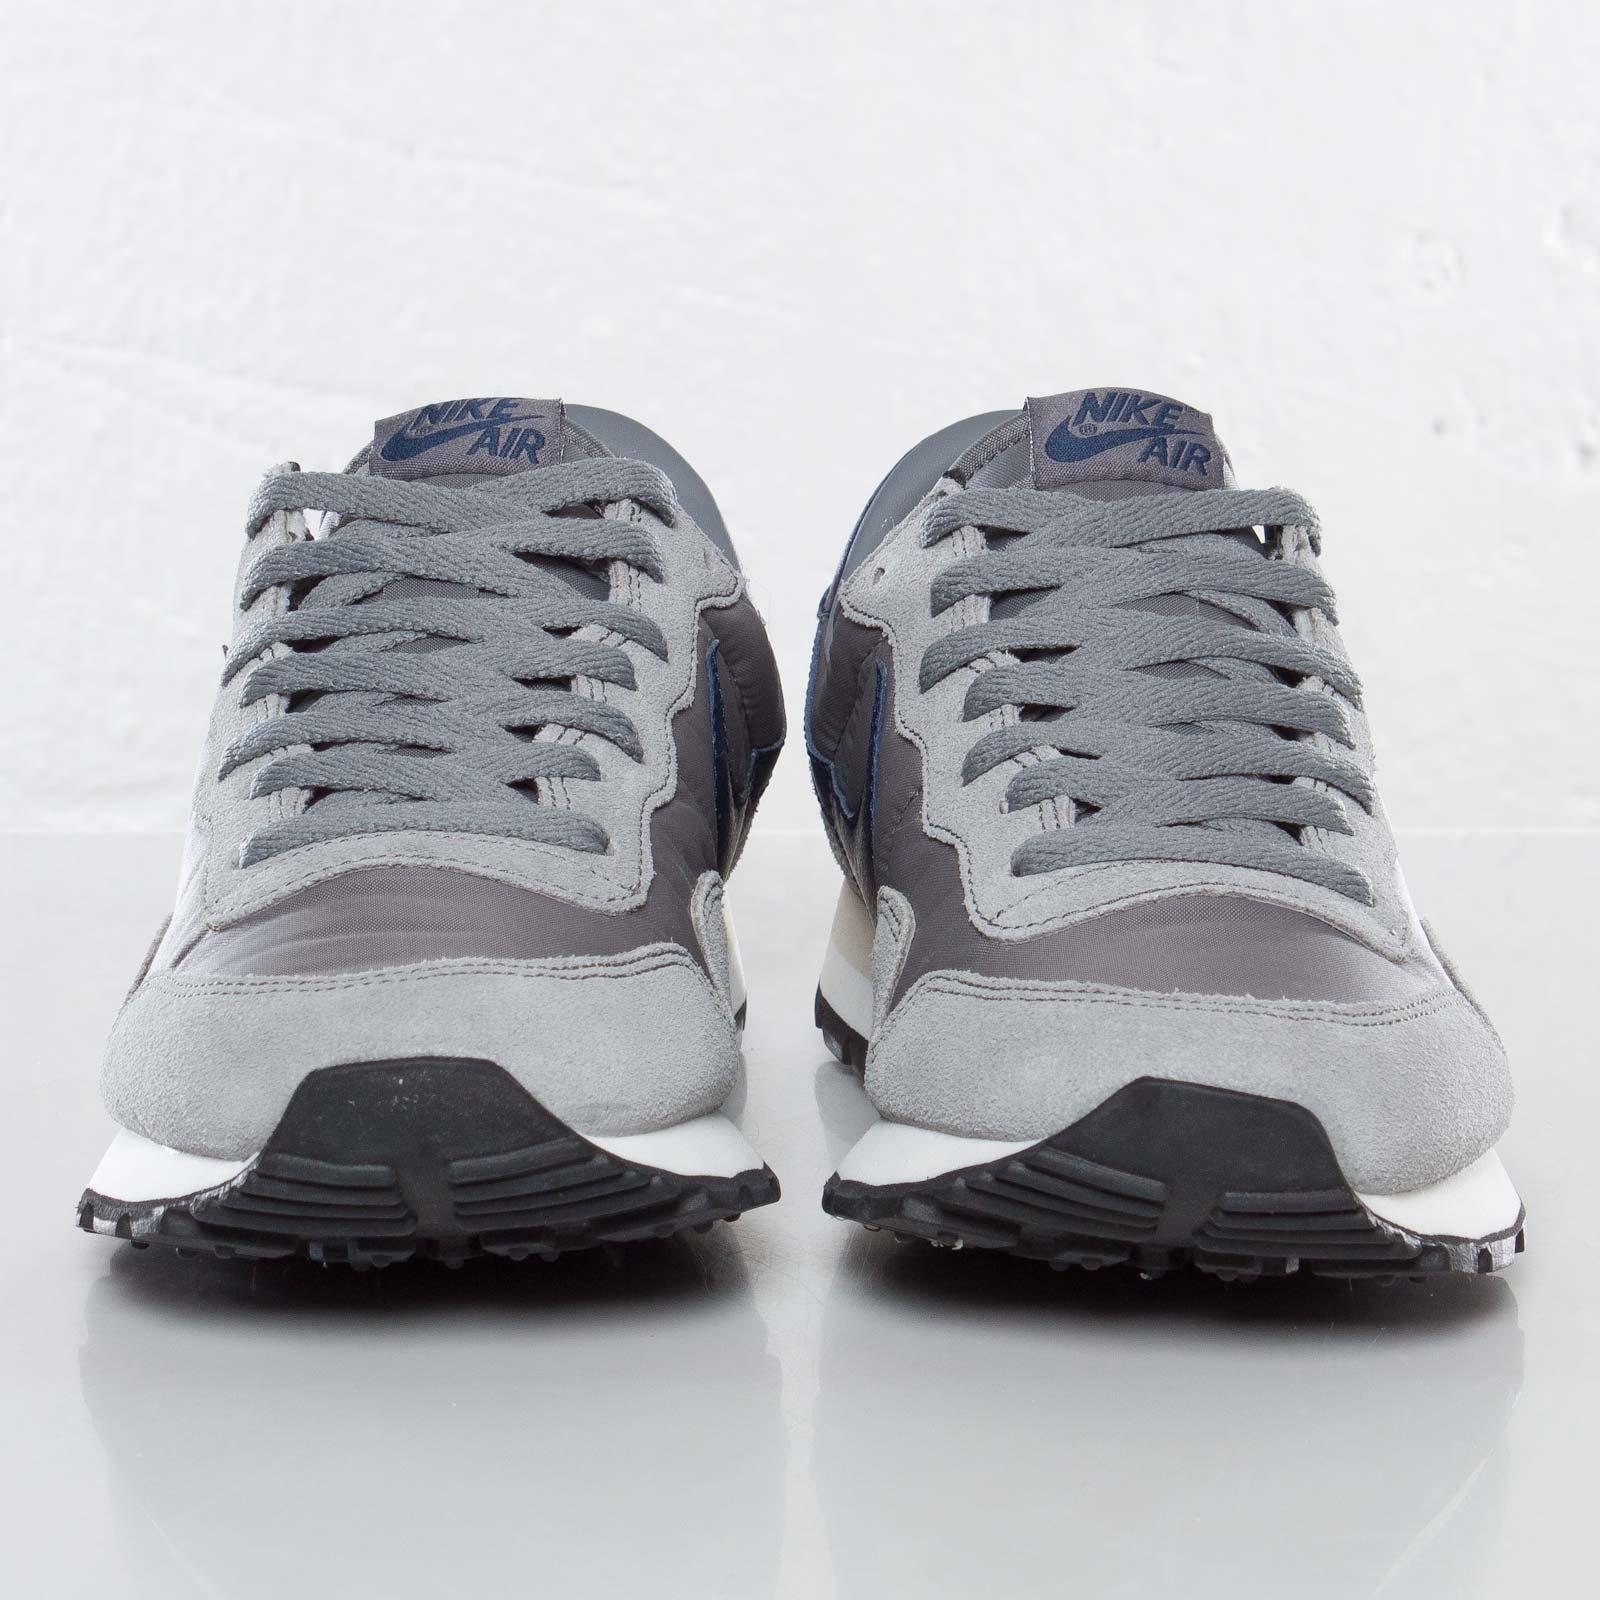 094c414d4b483 Nike Air Pegasus 83 QS - 604838-001 - Sneakersnstuff